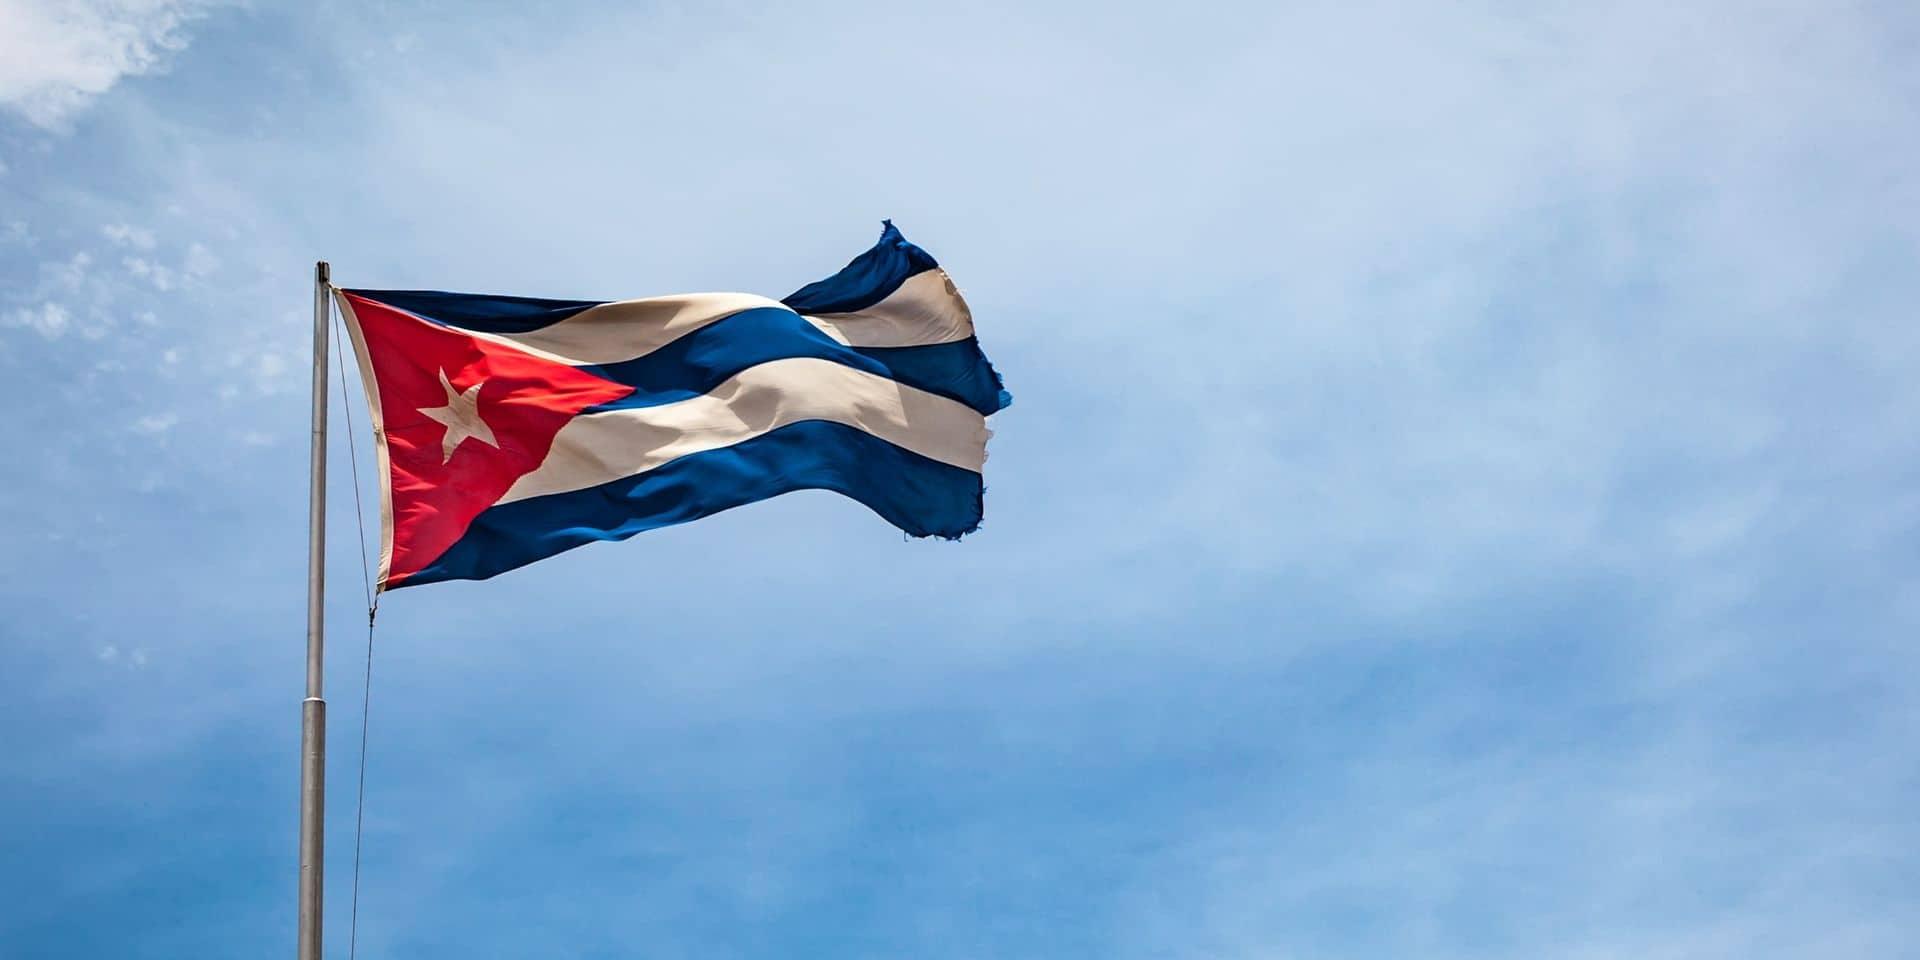 Les PME privées et publiques sont autorisées à Cuba